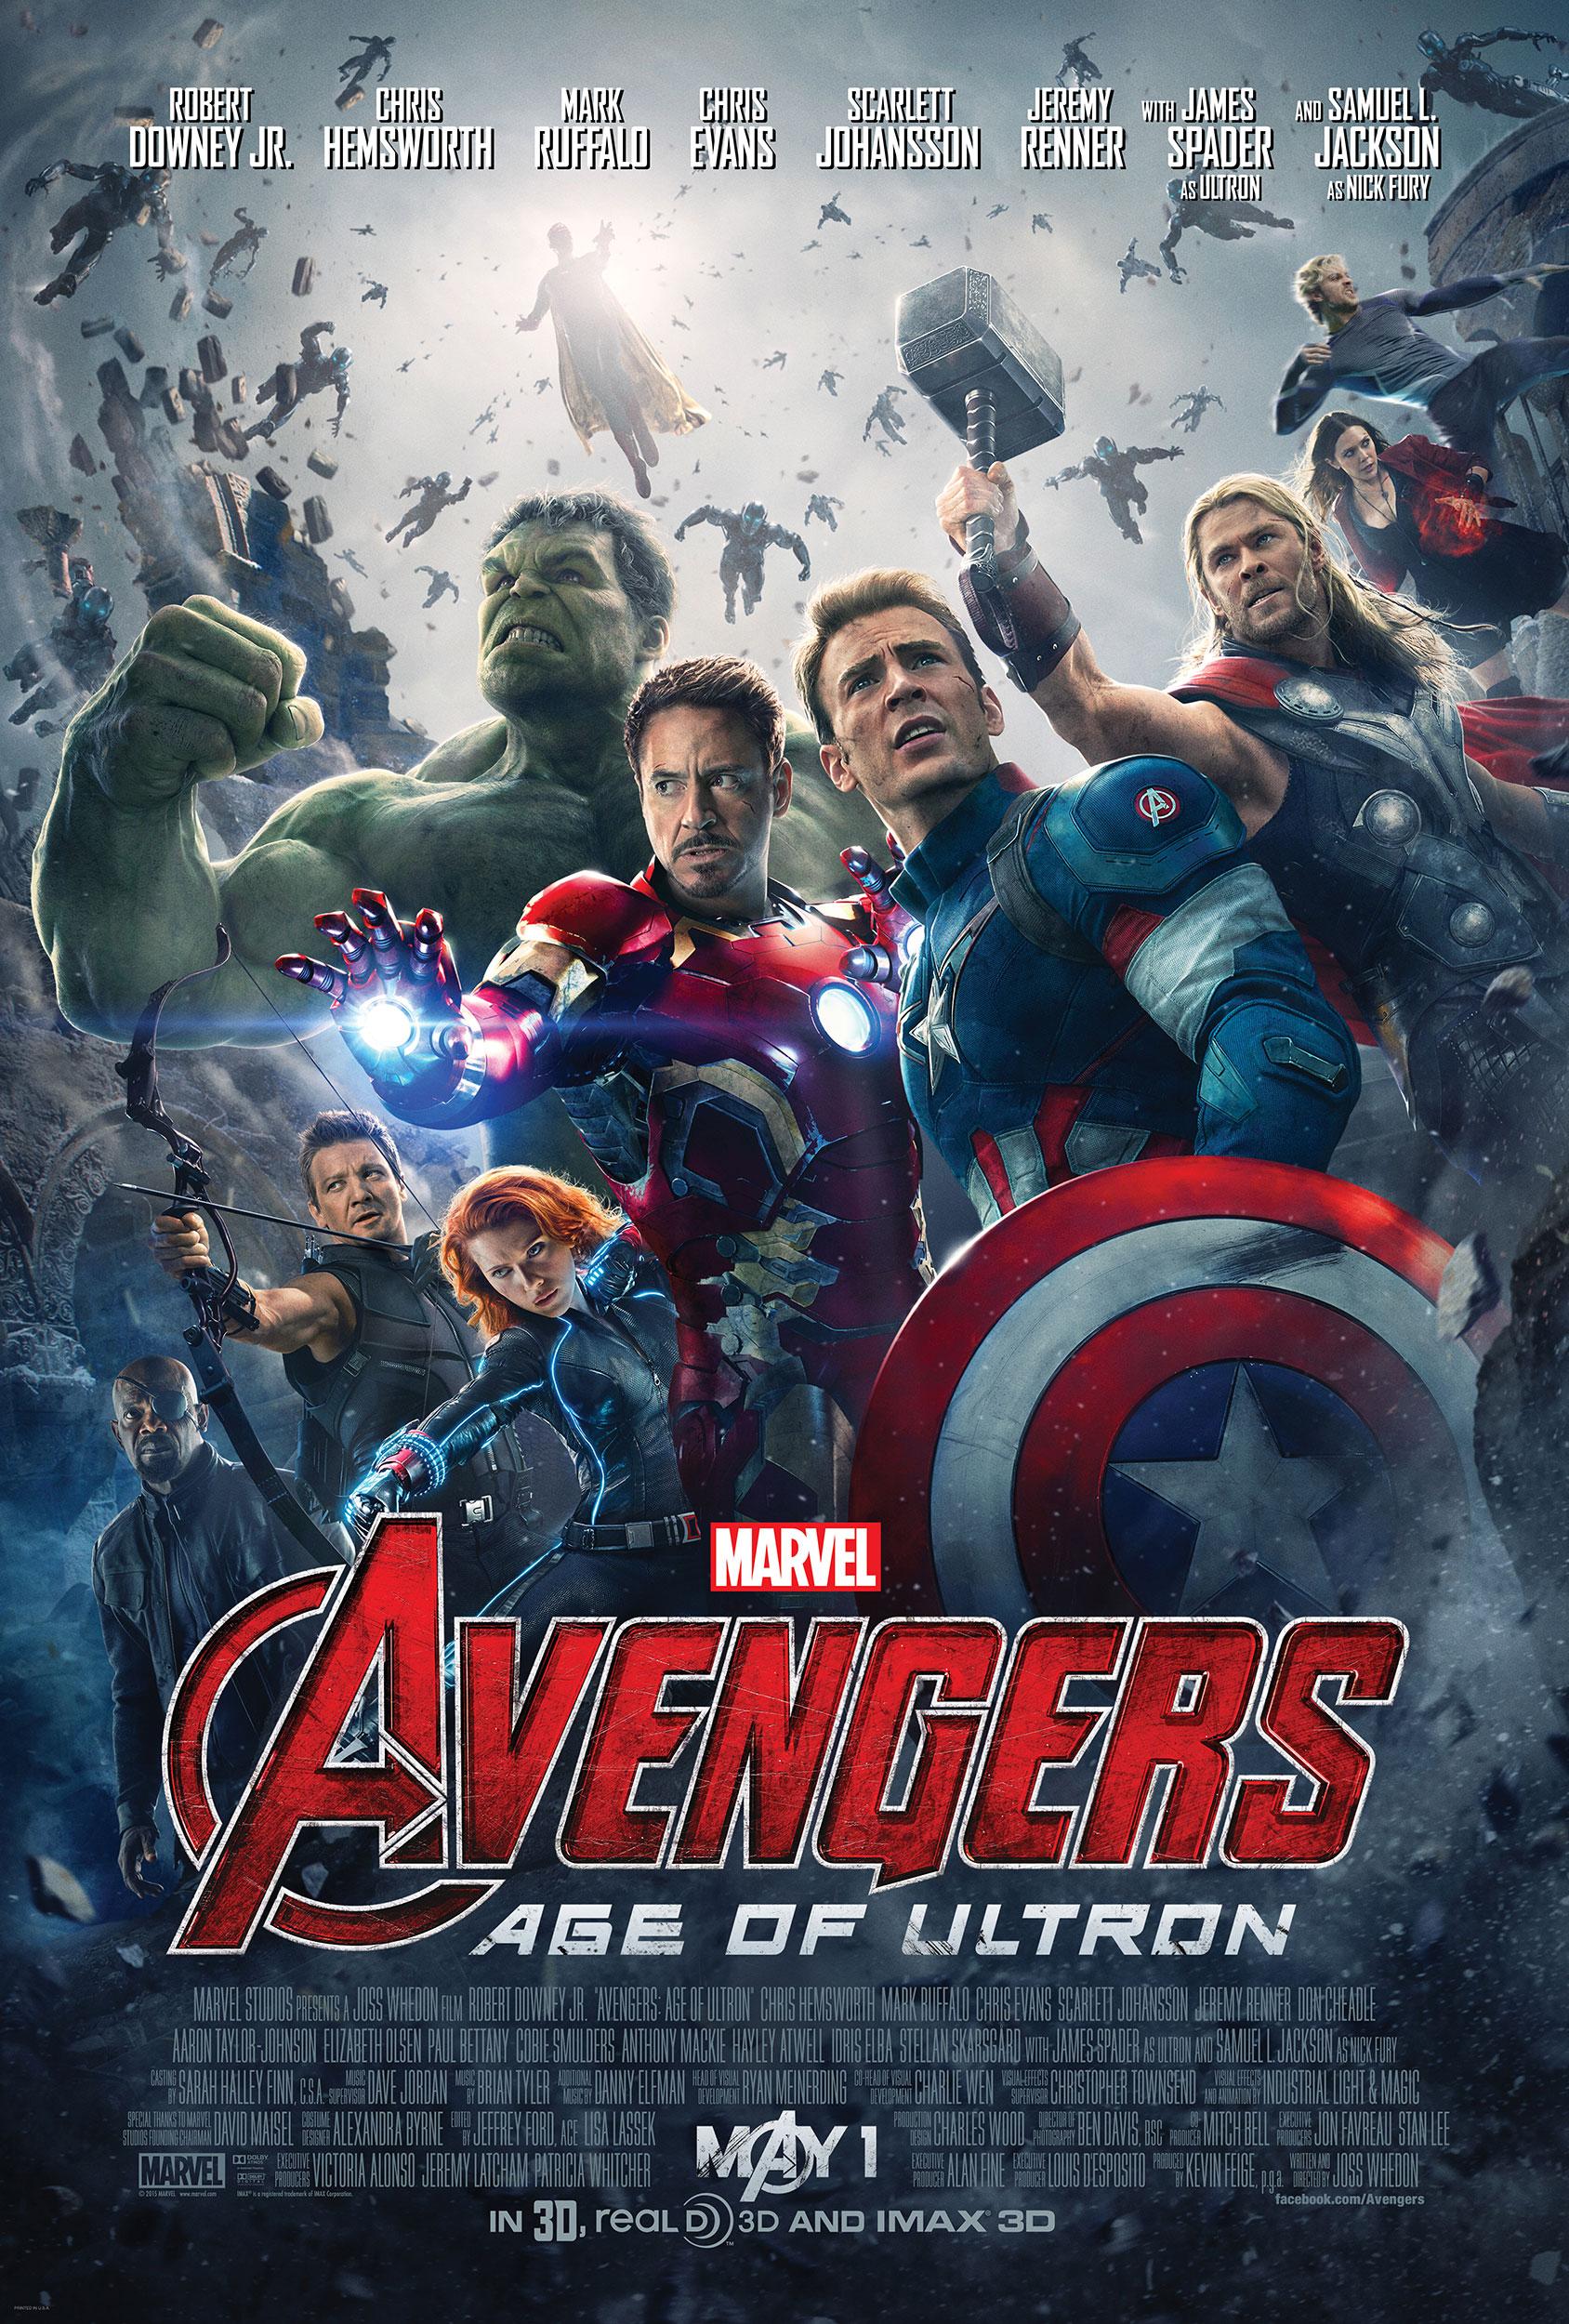 avengers-2-poster.jpg